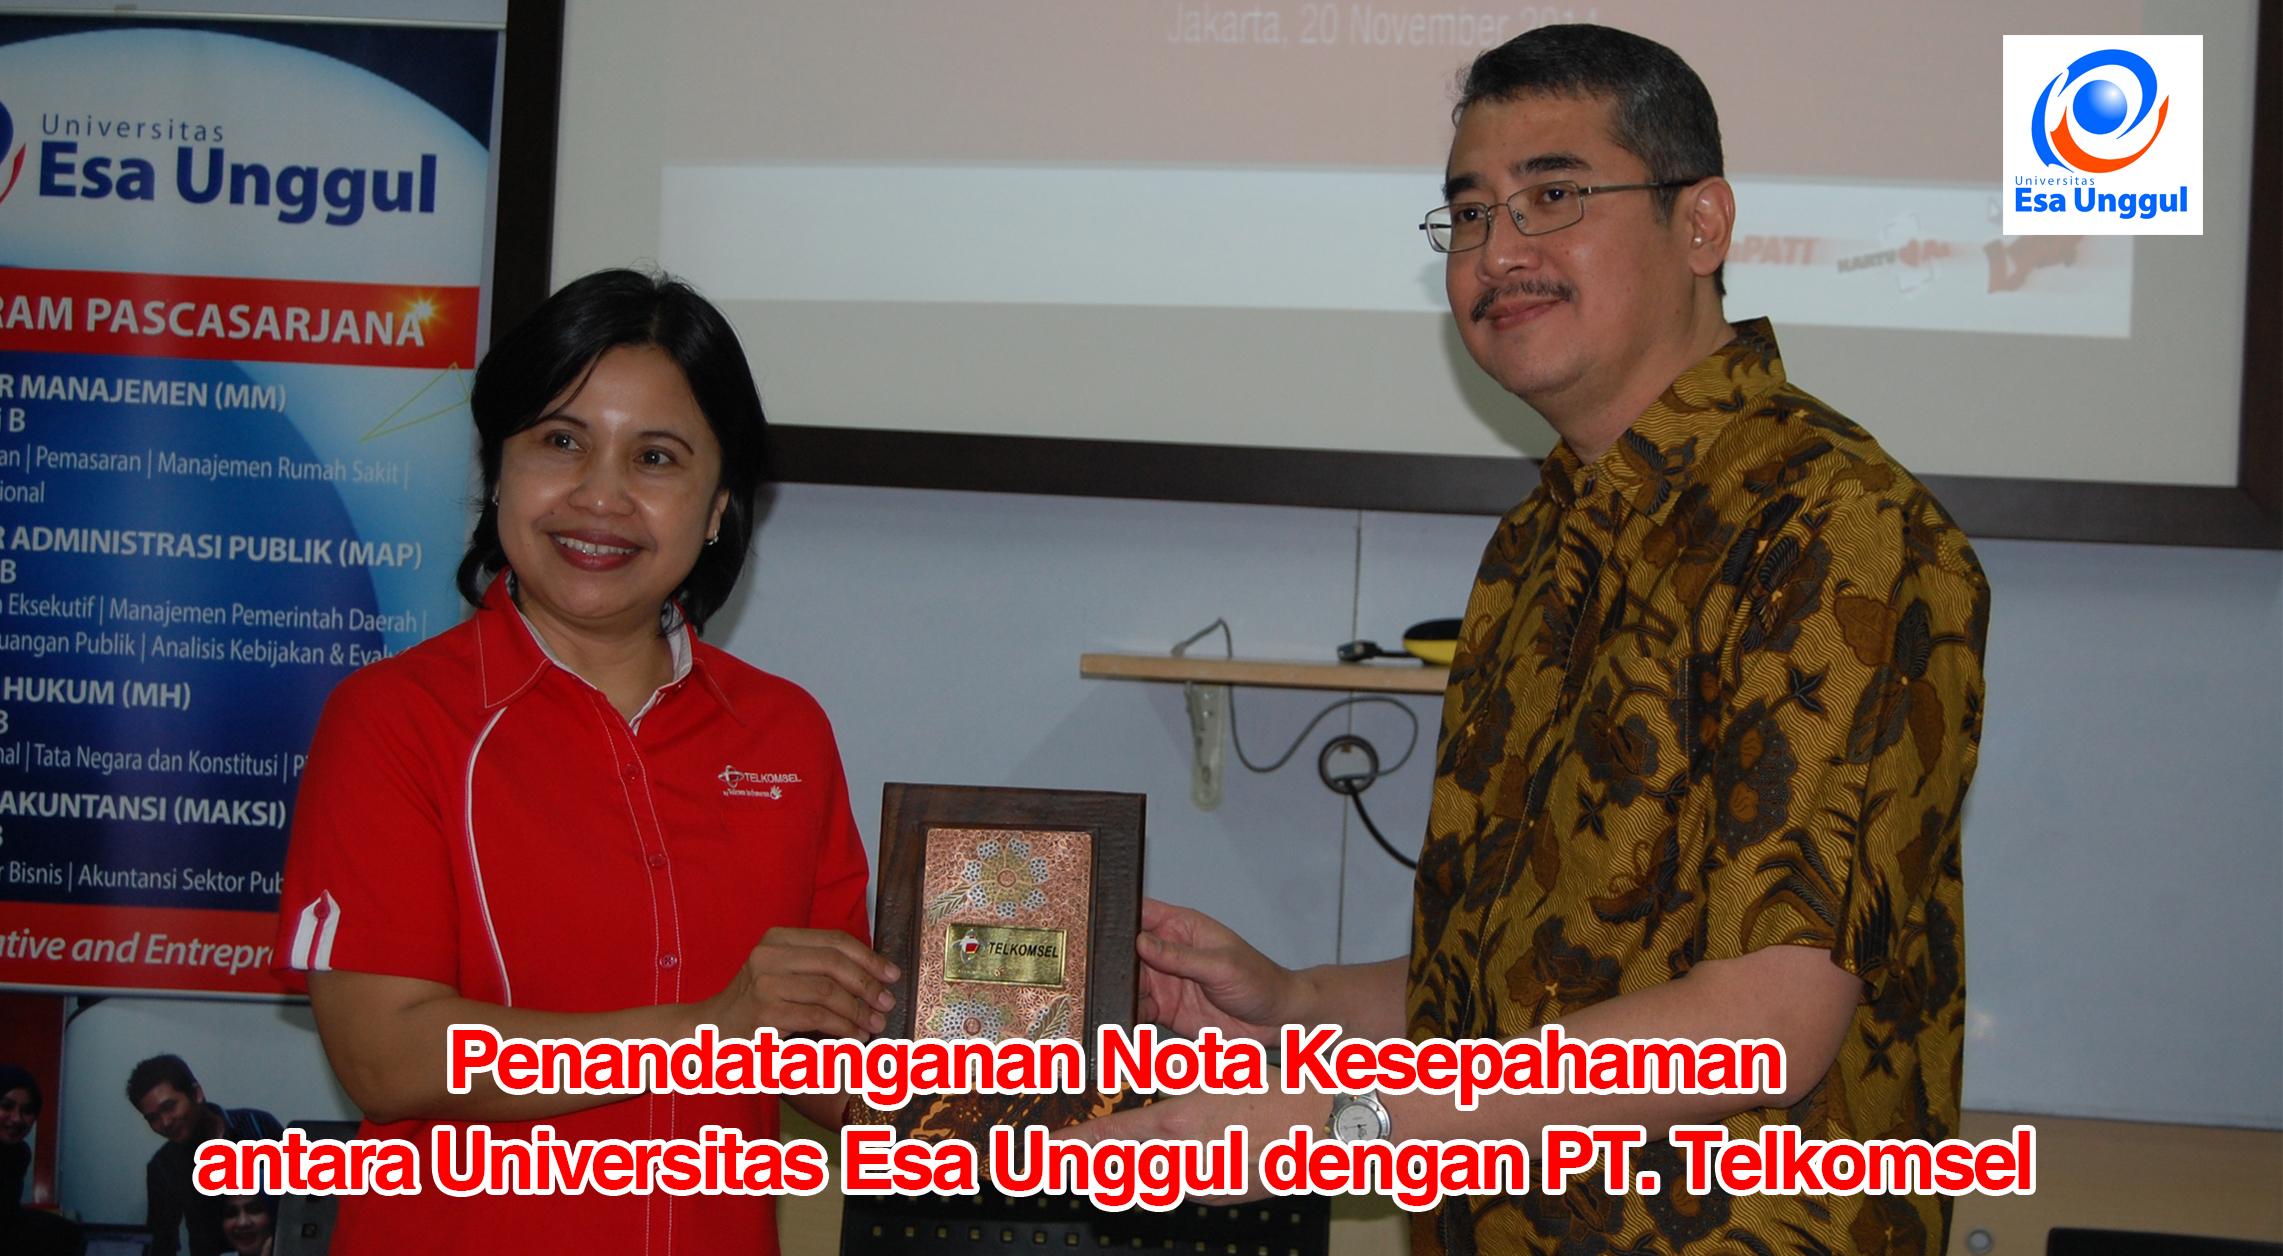 Penandatanganan Nota Kesepahaman antara Universitas Esa Unggul dengan PT. TELKOMSEL pada Kamis, 20 Nopember 2014